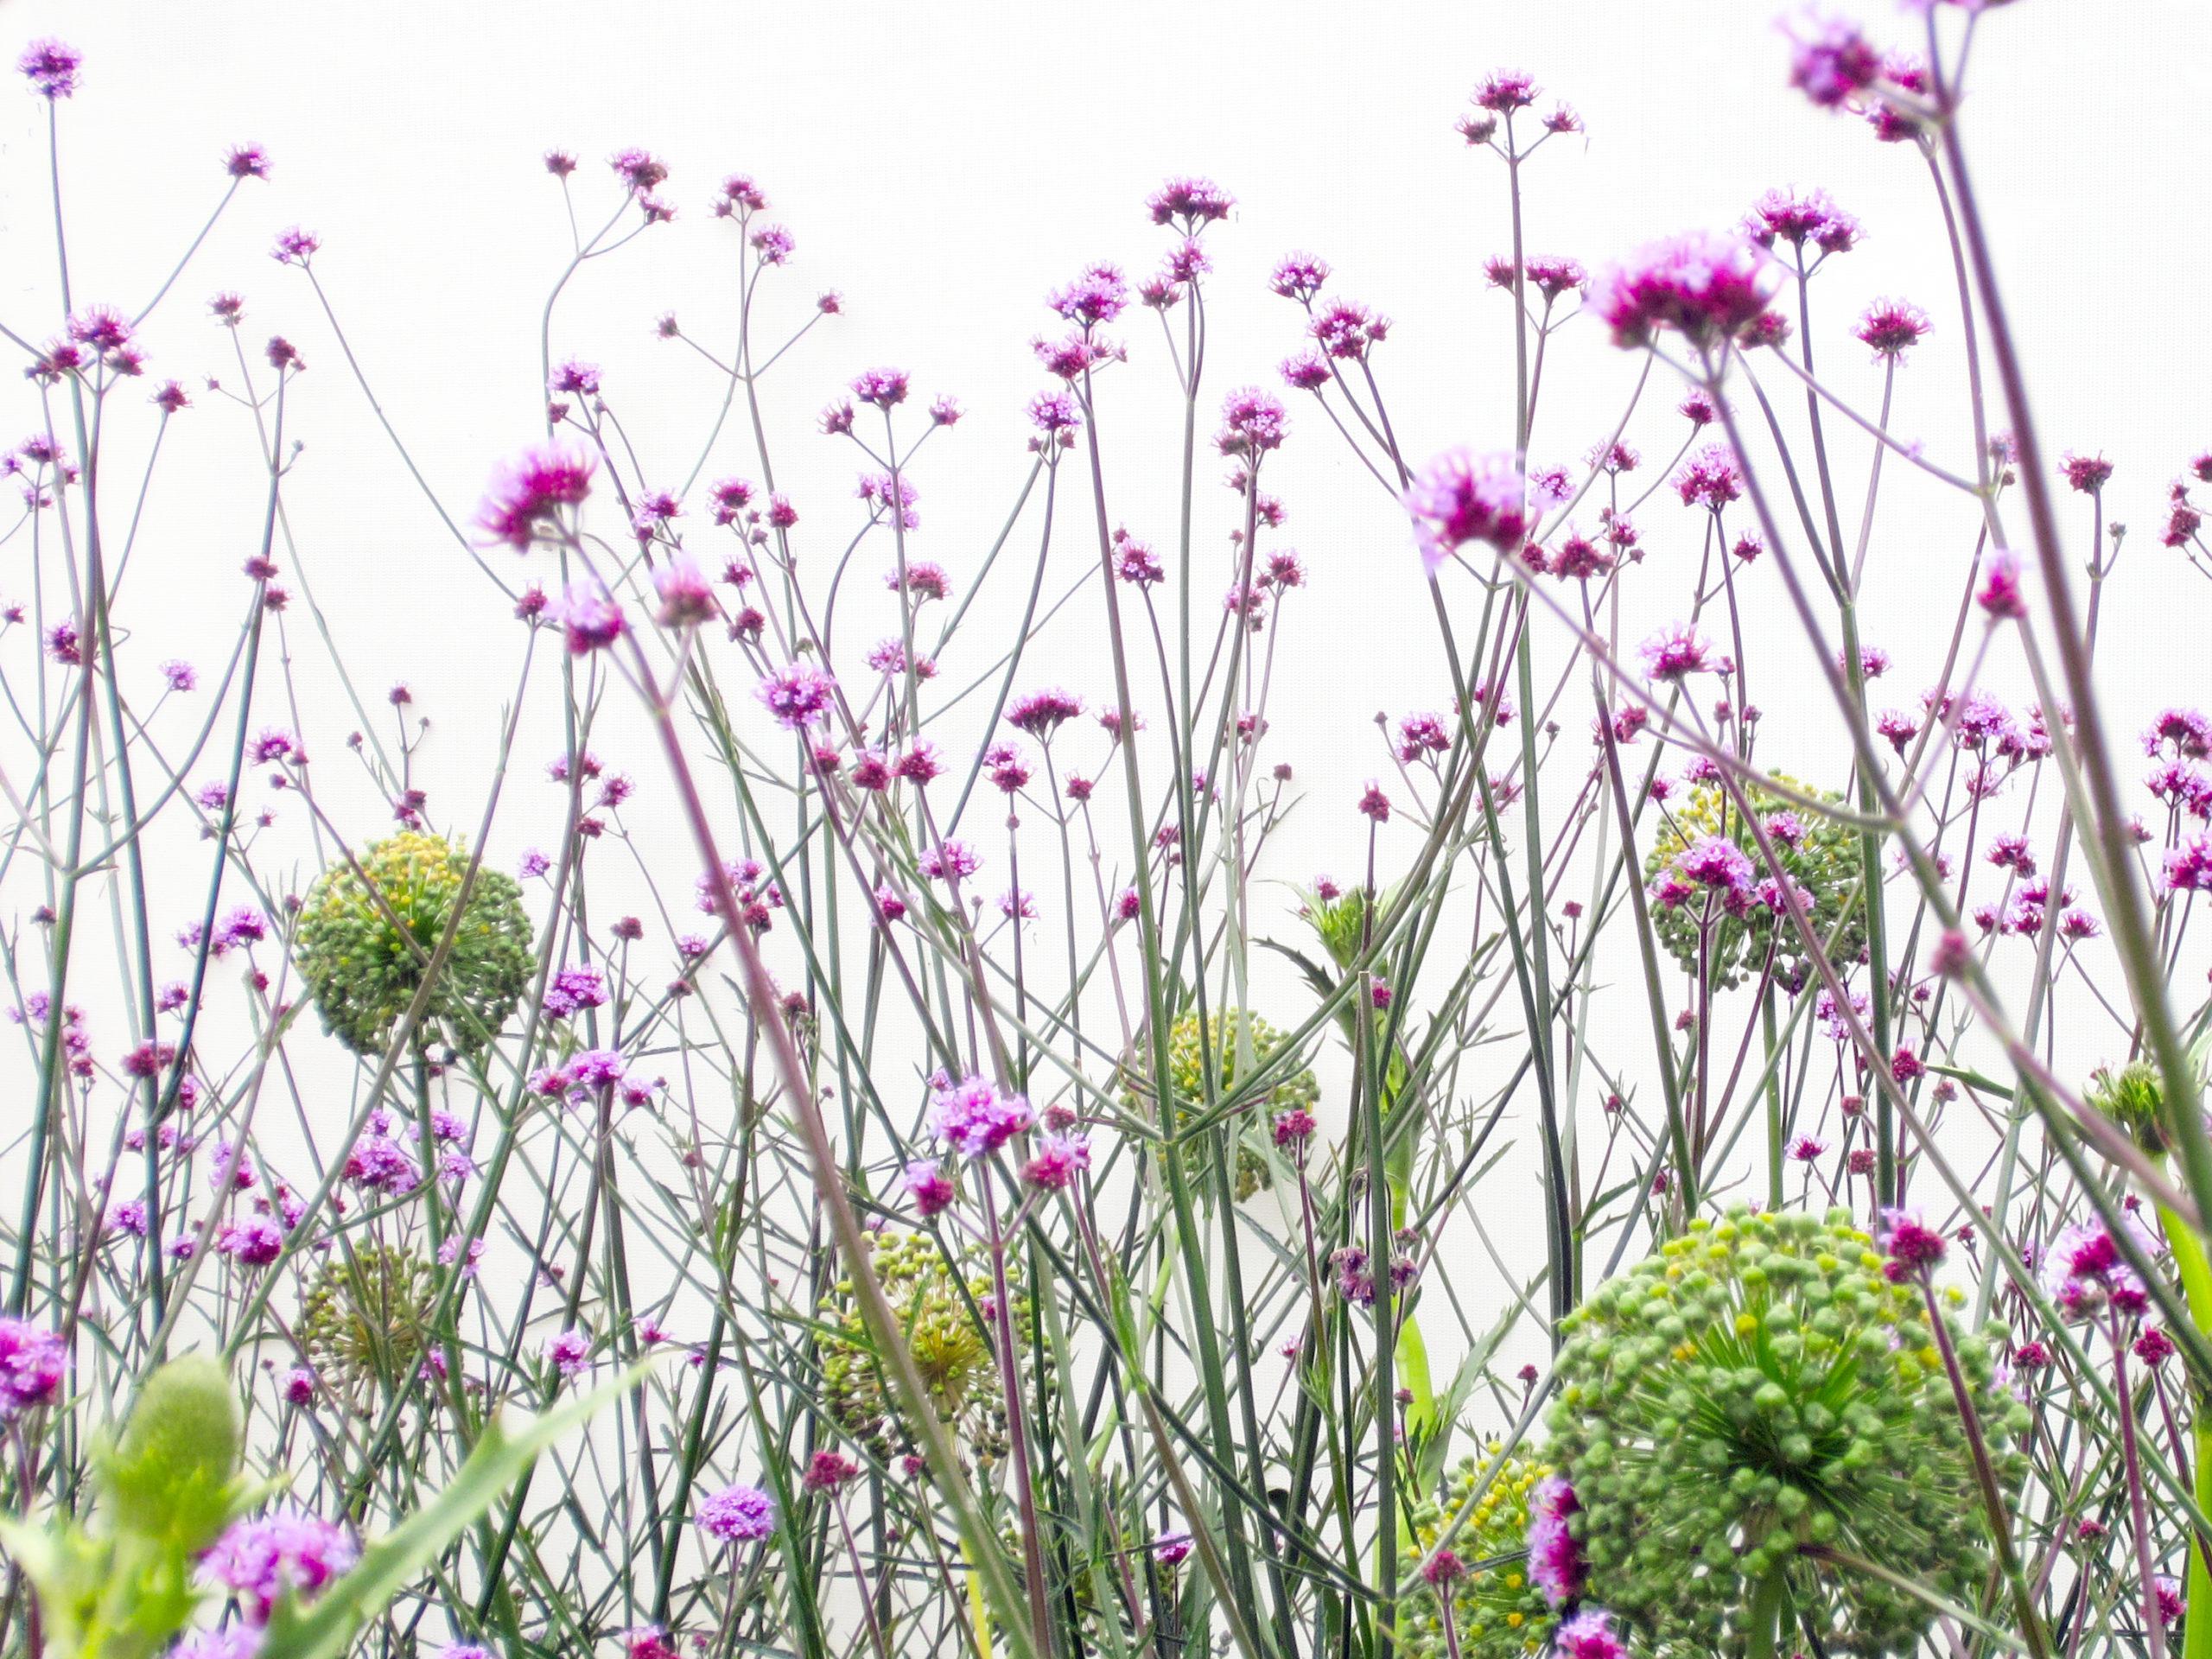 Sommerblüten Violett Und Grün